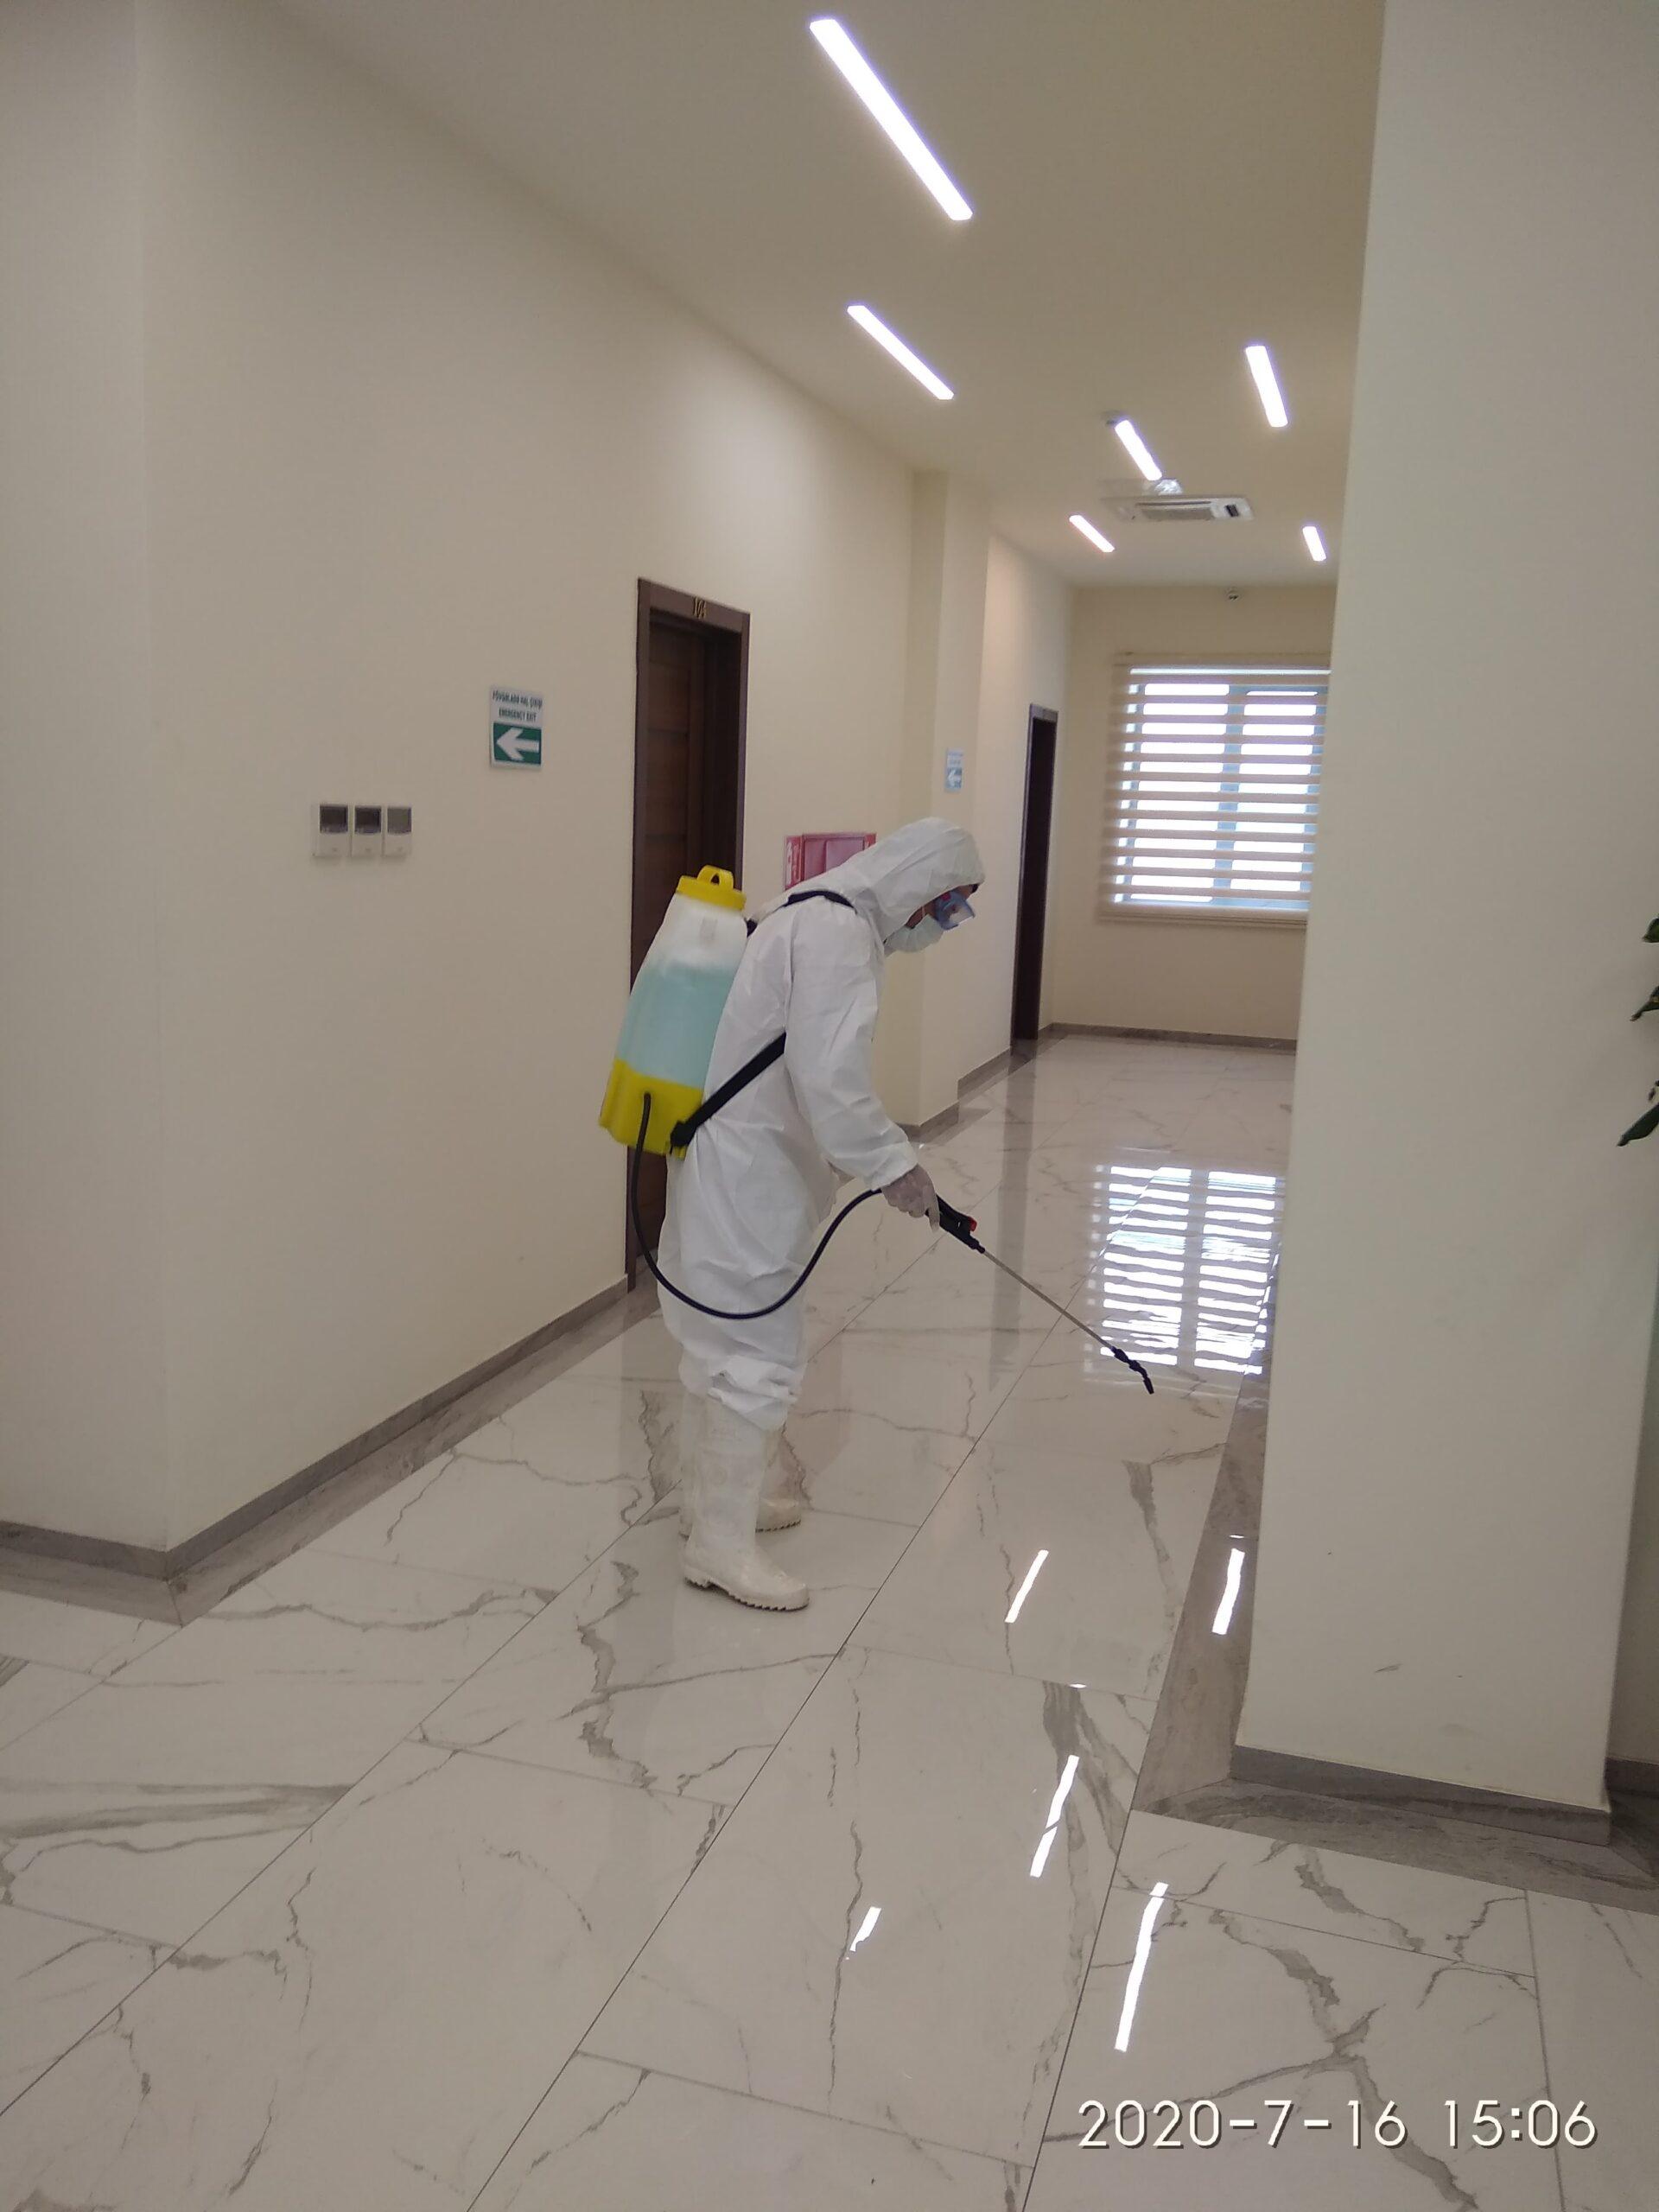 Ev, Ofis ve erazileri infeksiya, hesarat ve gemiricilerden muhafize etmek, onlar ile mubarize aparmaq ucun Eskulap LTD MMC-e zeng edin. Dezinfeksiya xidmetini sifaris verin